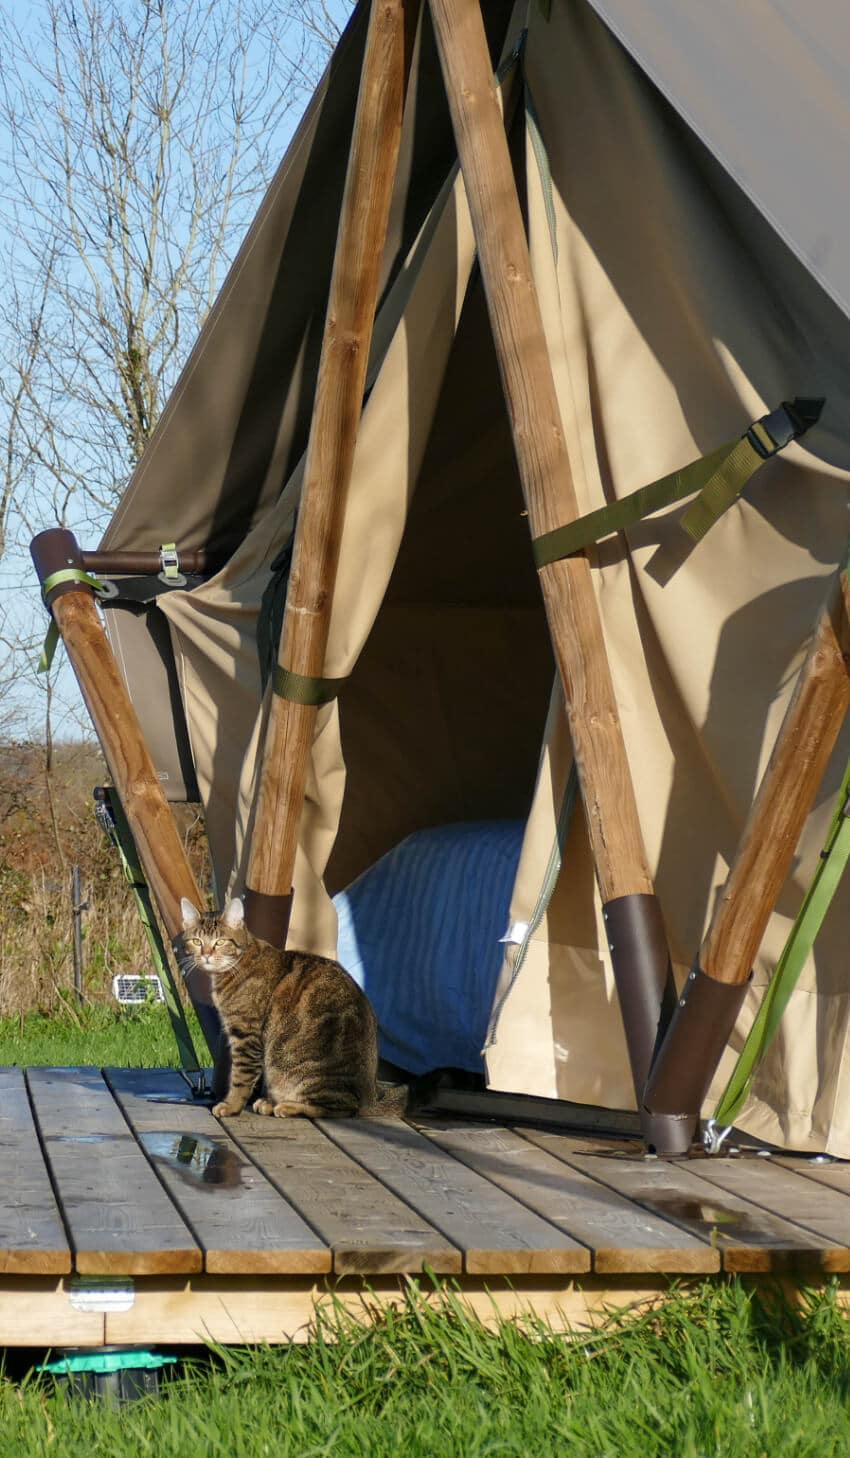 Location de tente canadienne